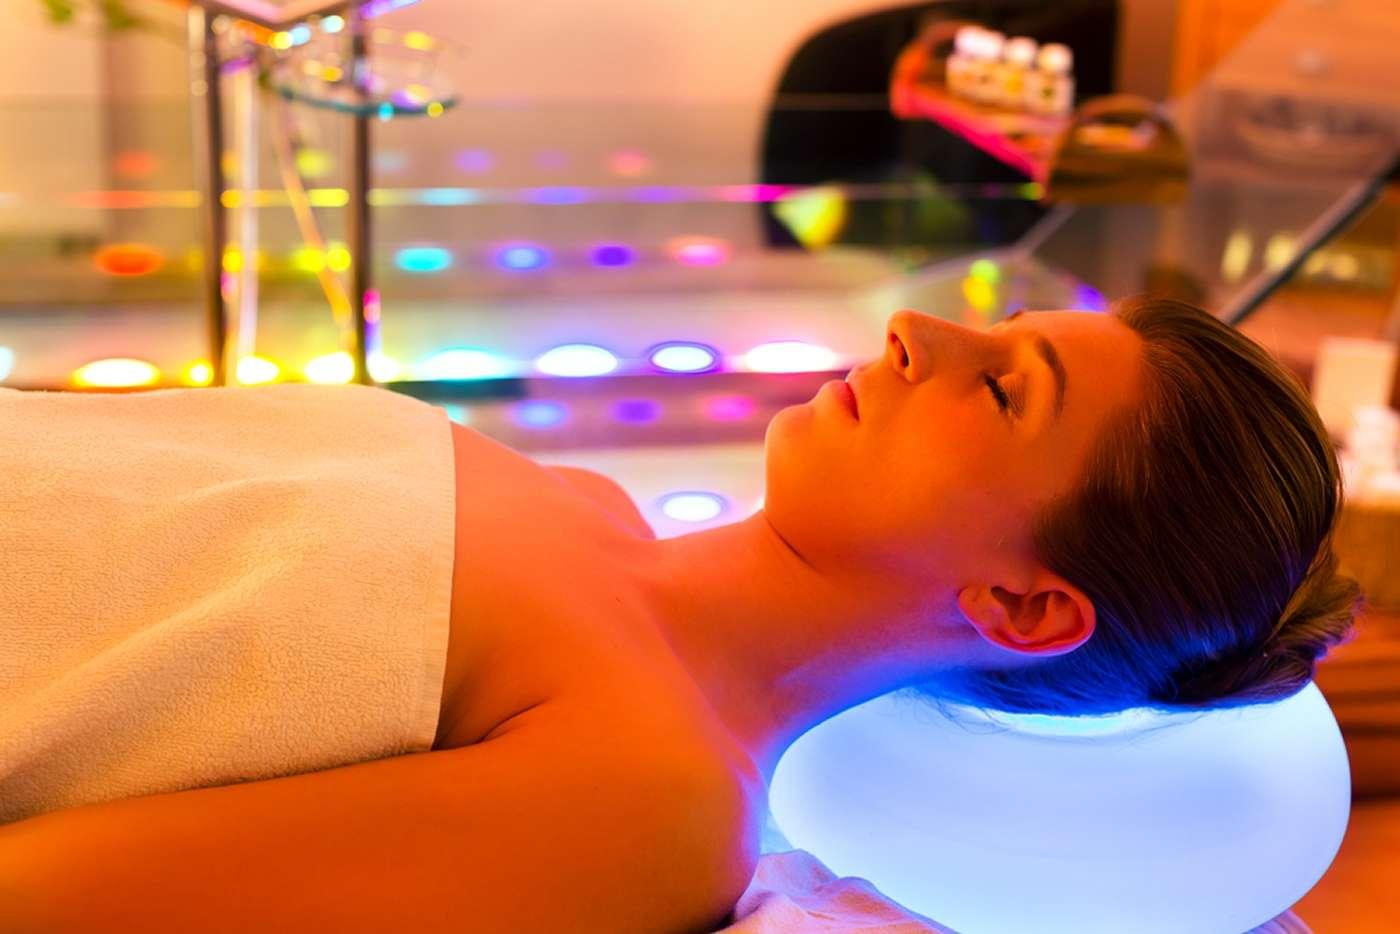 Selon une nouvelle étude, la luminothérapie serait un bon traitement contre la dépression majeure. © Kzenon, shutterstock.com